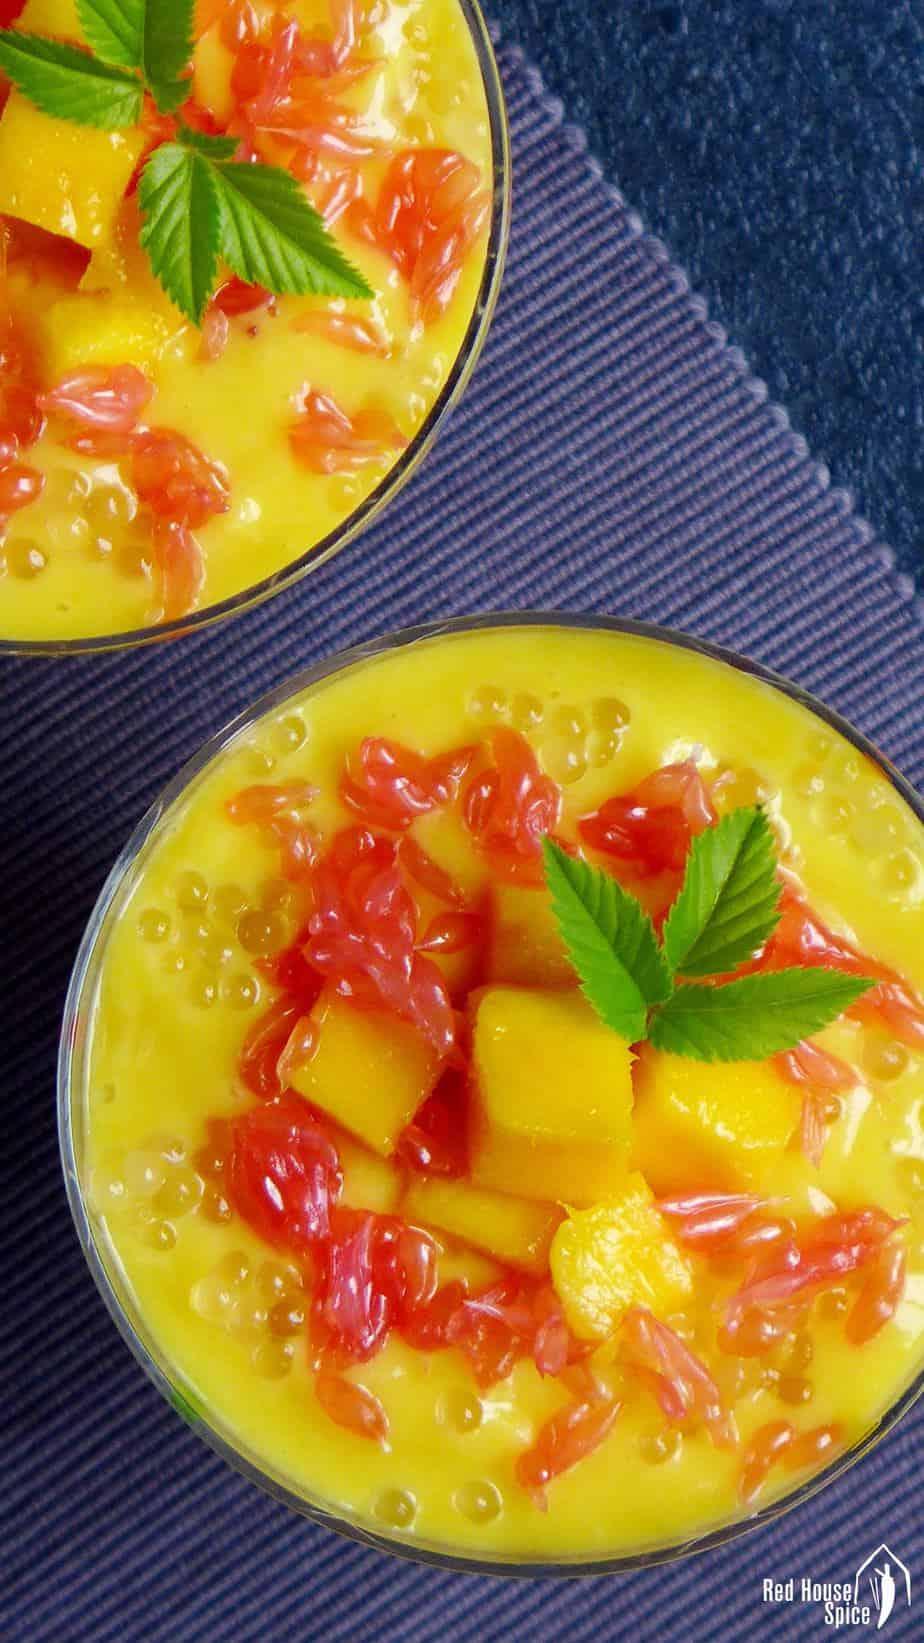 Style at home magazine uk recipes for mango.